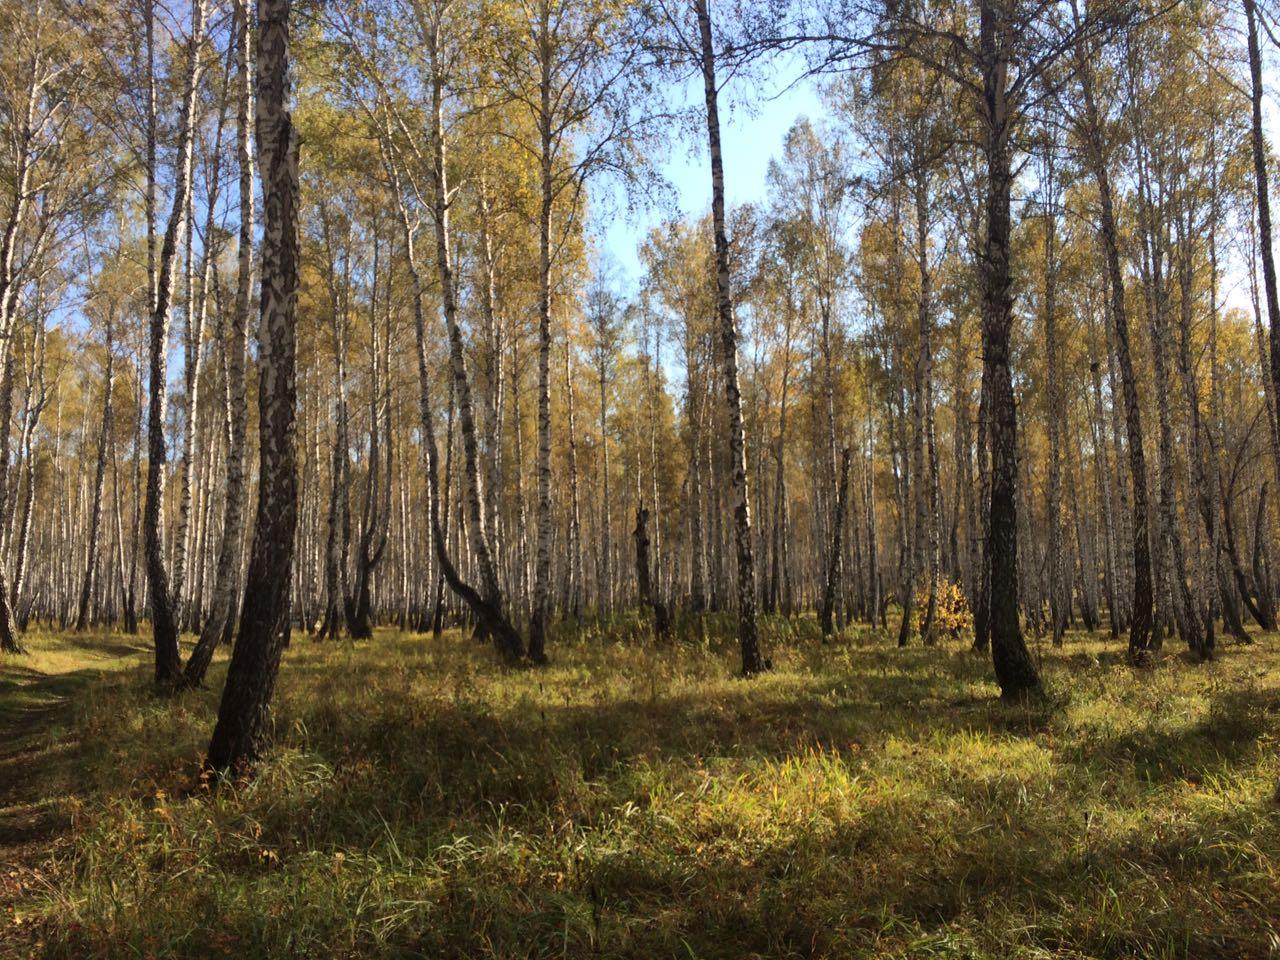 Золотая осень в южноуральских берёзовых лесах... (26.09.2016)